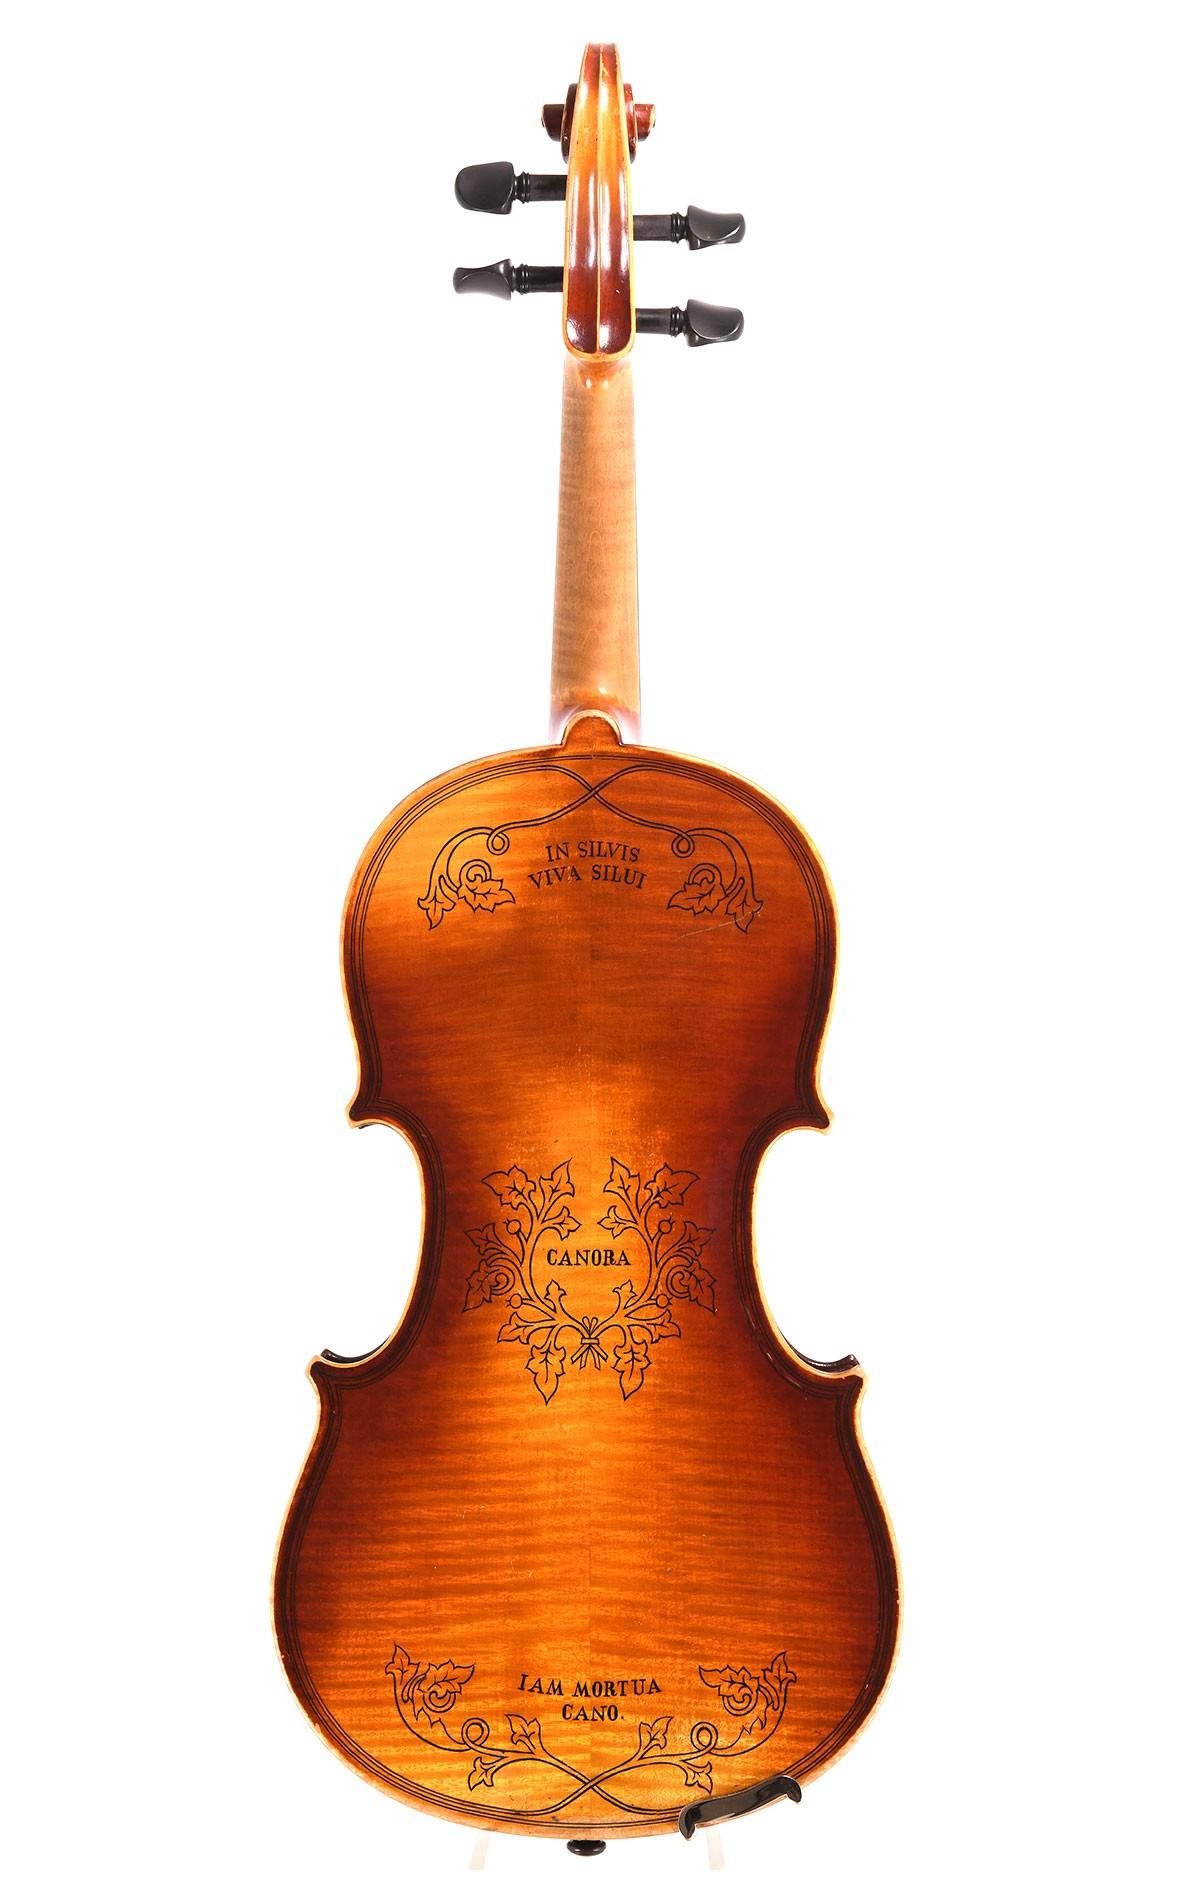 Neuner & Hornsteiner Mittenwald violin, dated 1882